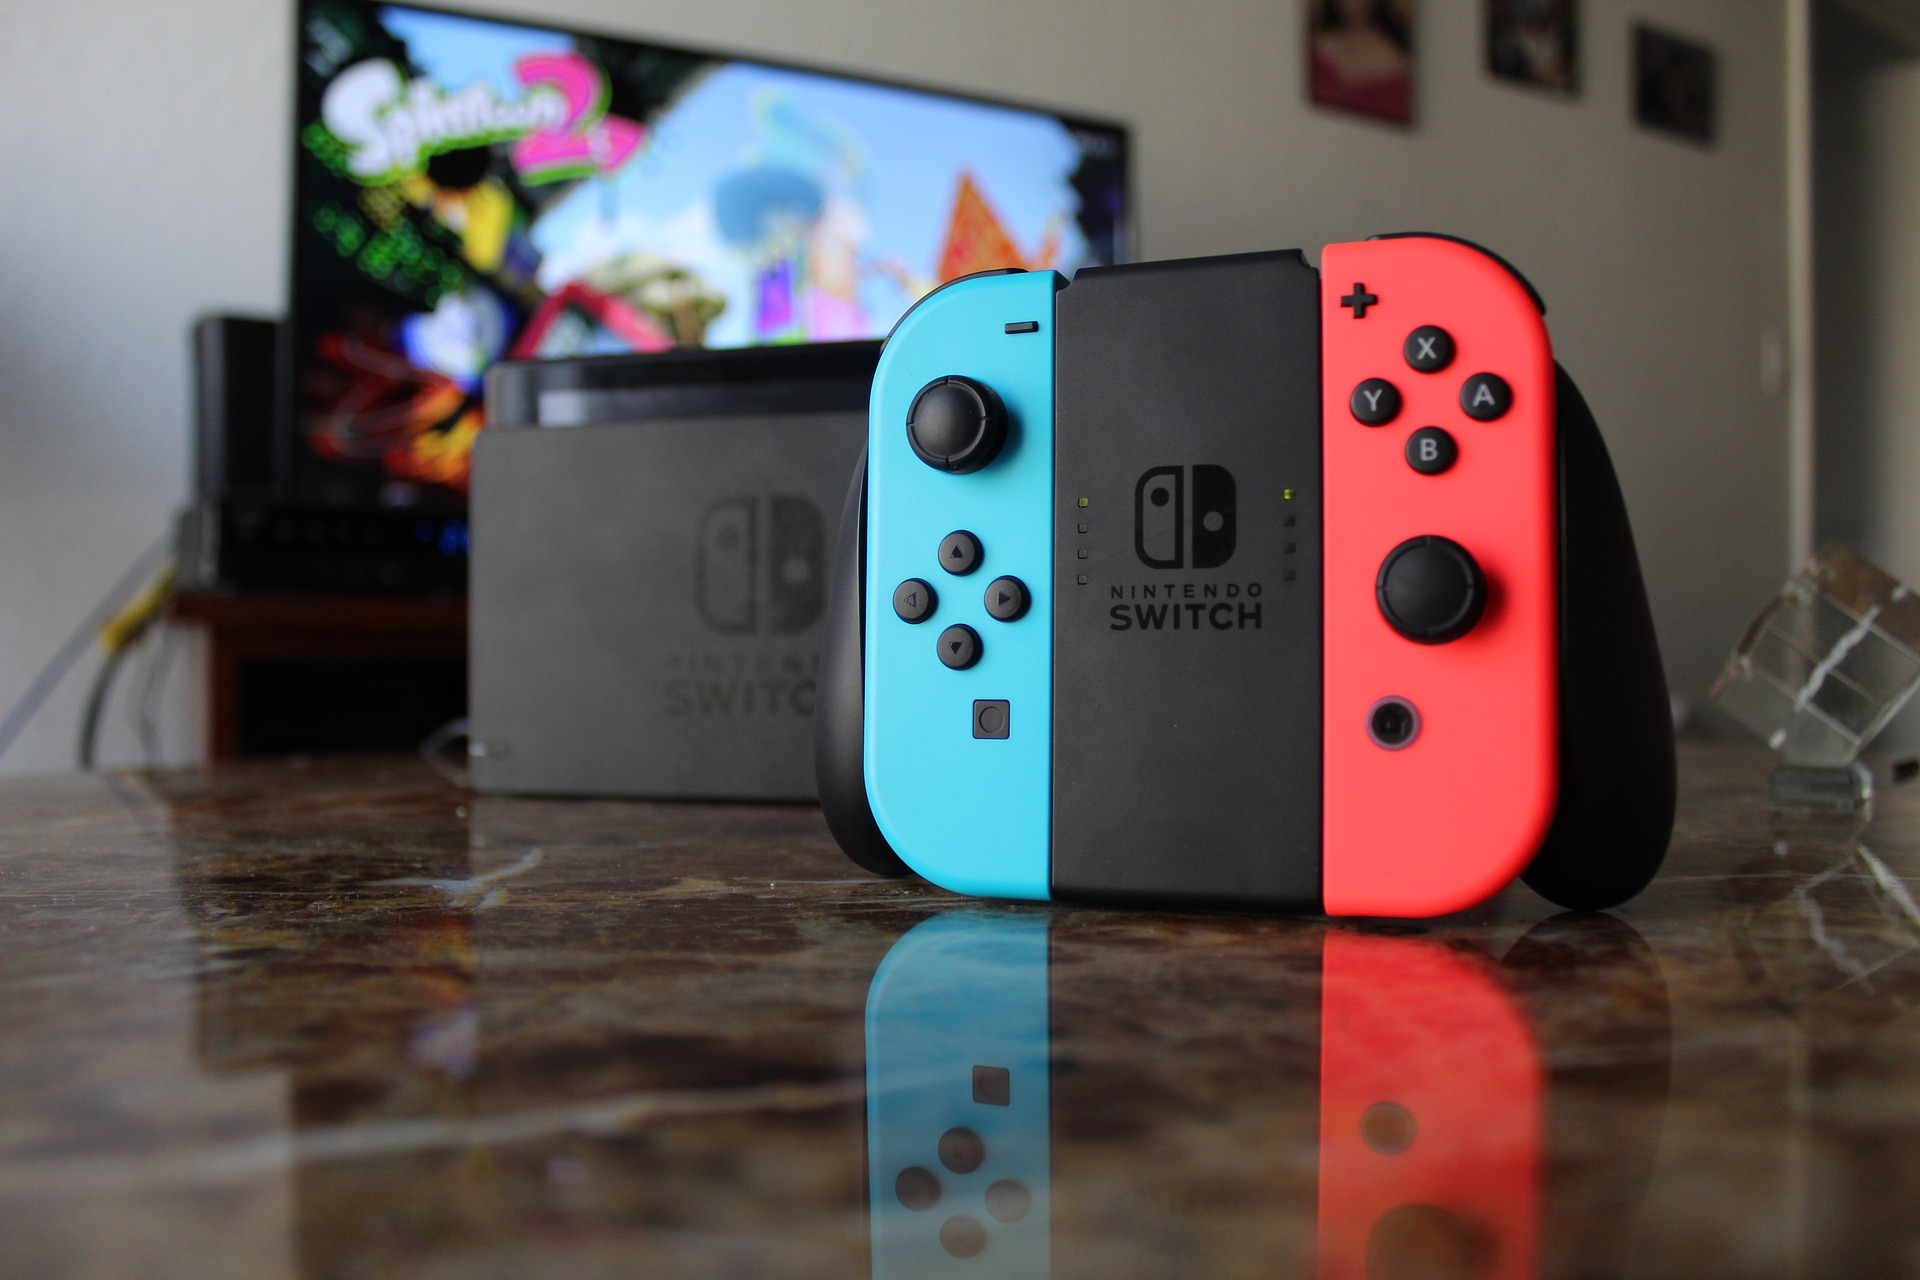 Comprar la Nintendo Switch en oferta, ¿misión imposible? No: aún hay algunos descuentos